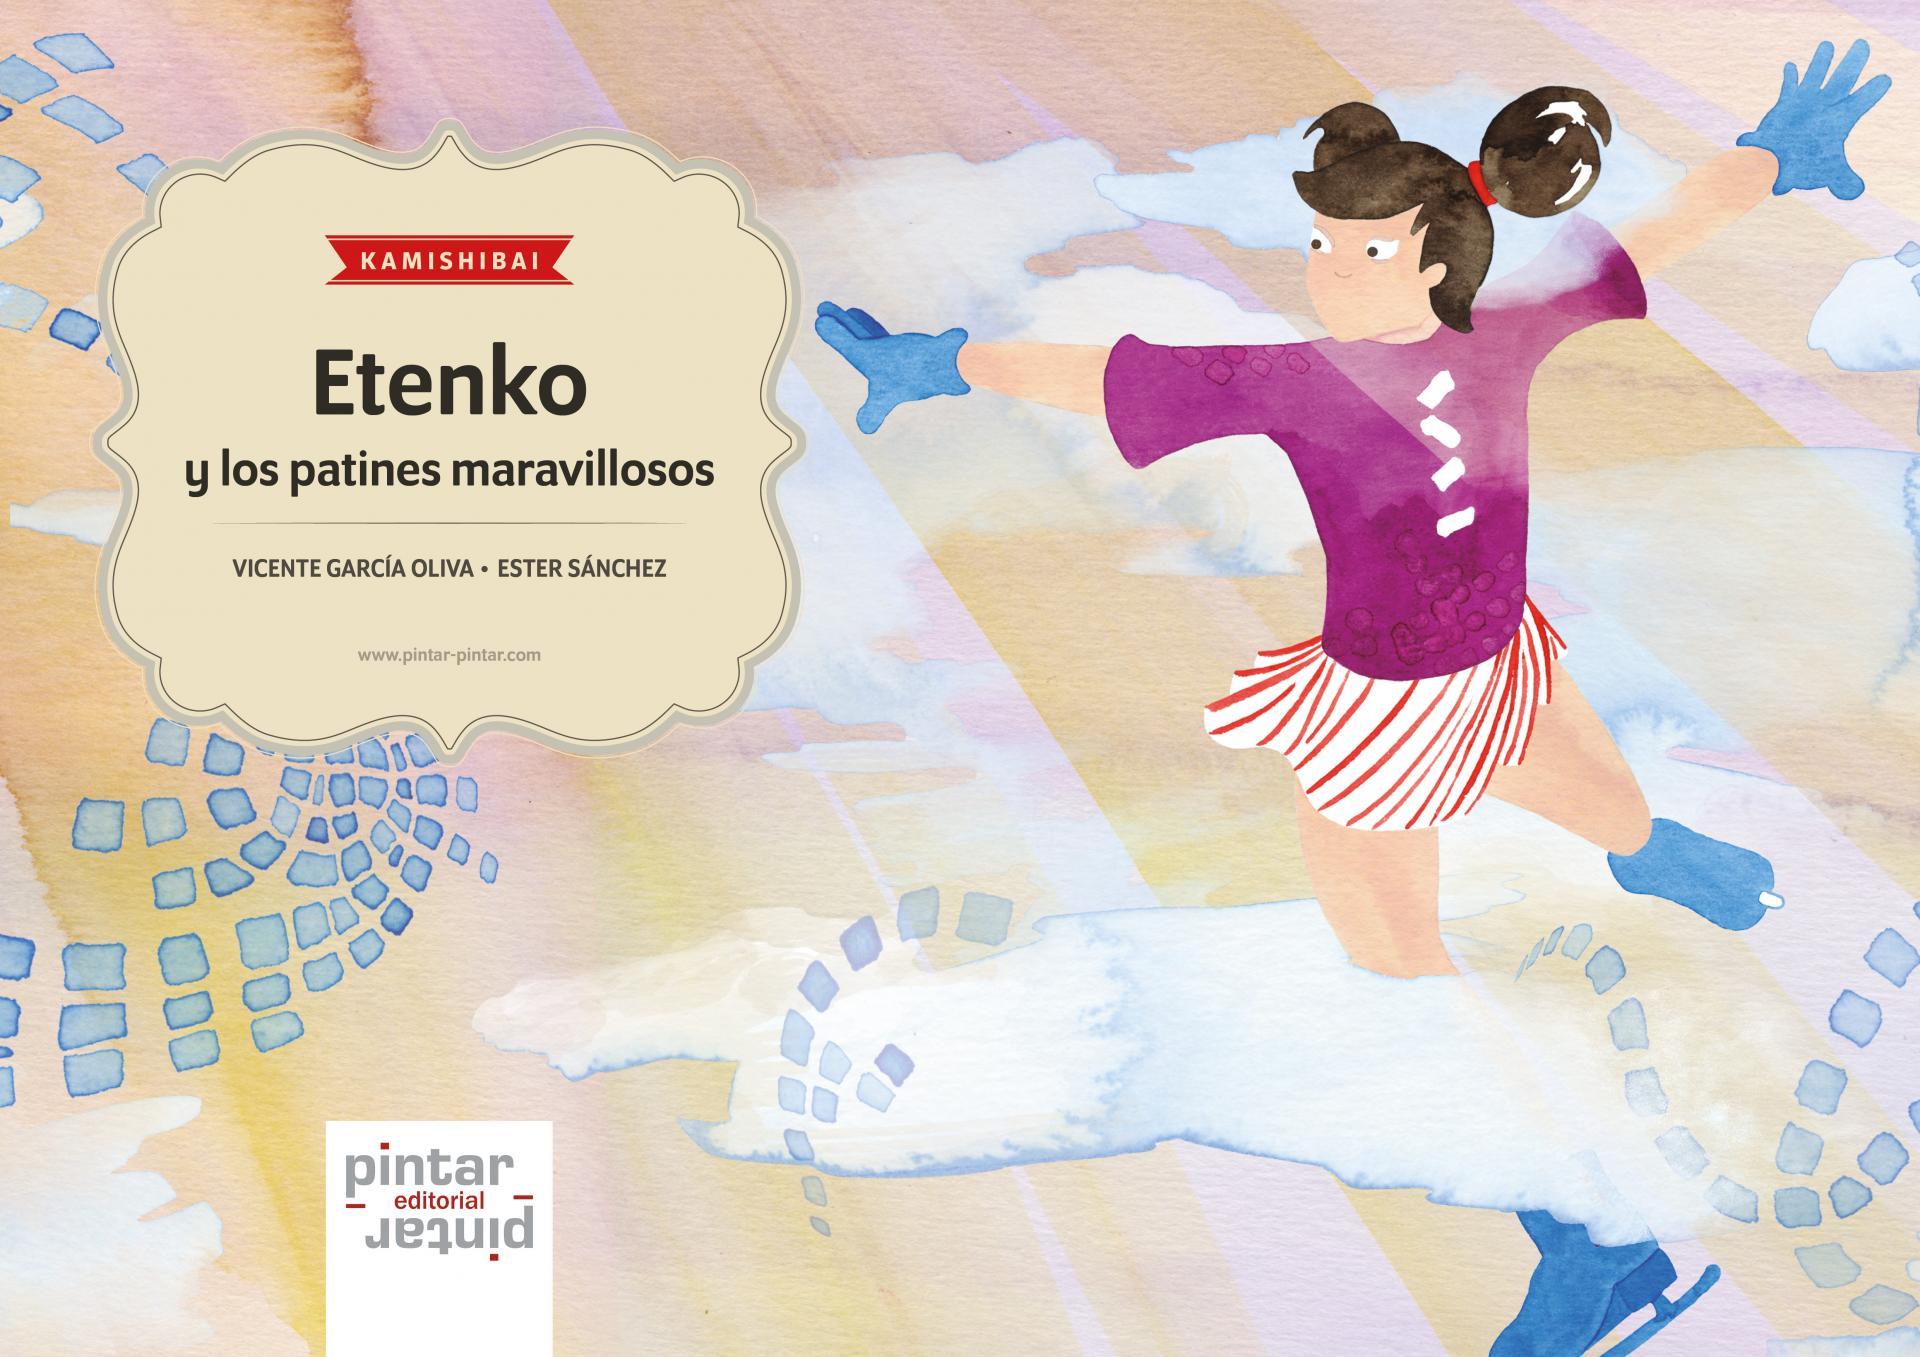 Etenko y los patines maravillosos - KAMISHIBAI (láminas A3)